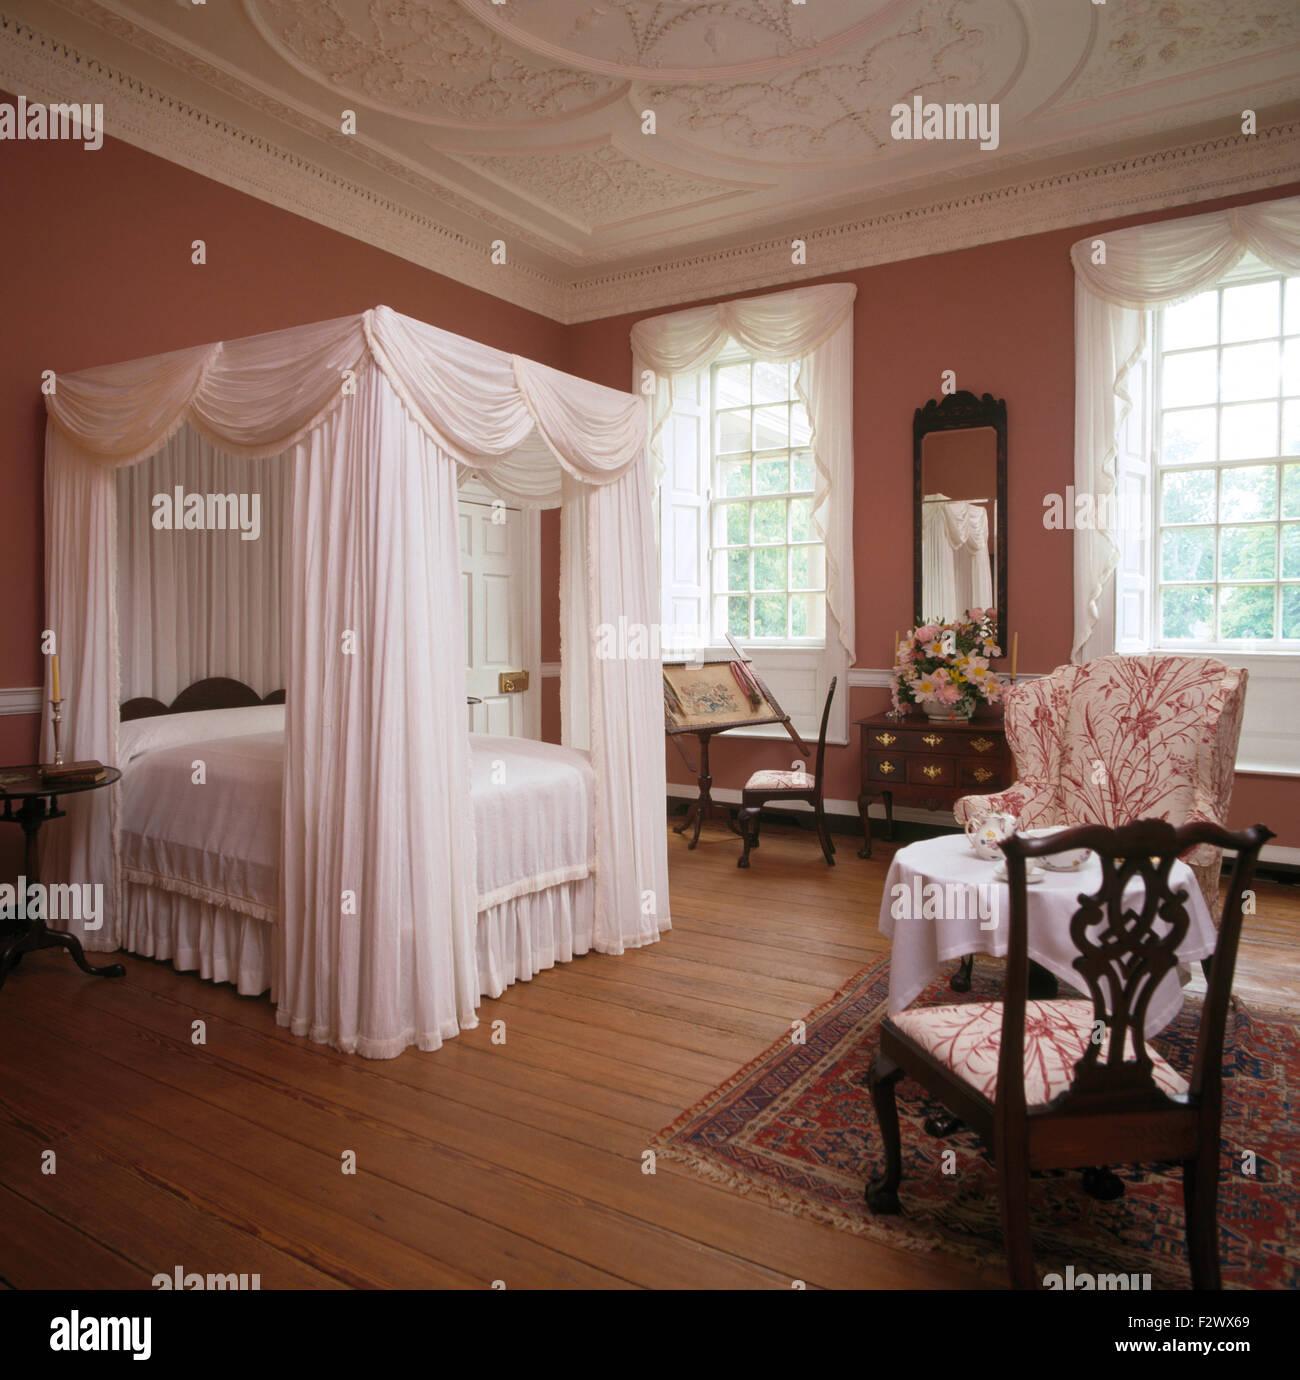 Drappi bianchi e lenzuola sul letto a baldacchino in elegante stile ...